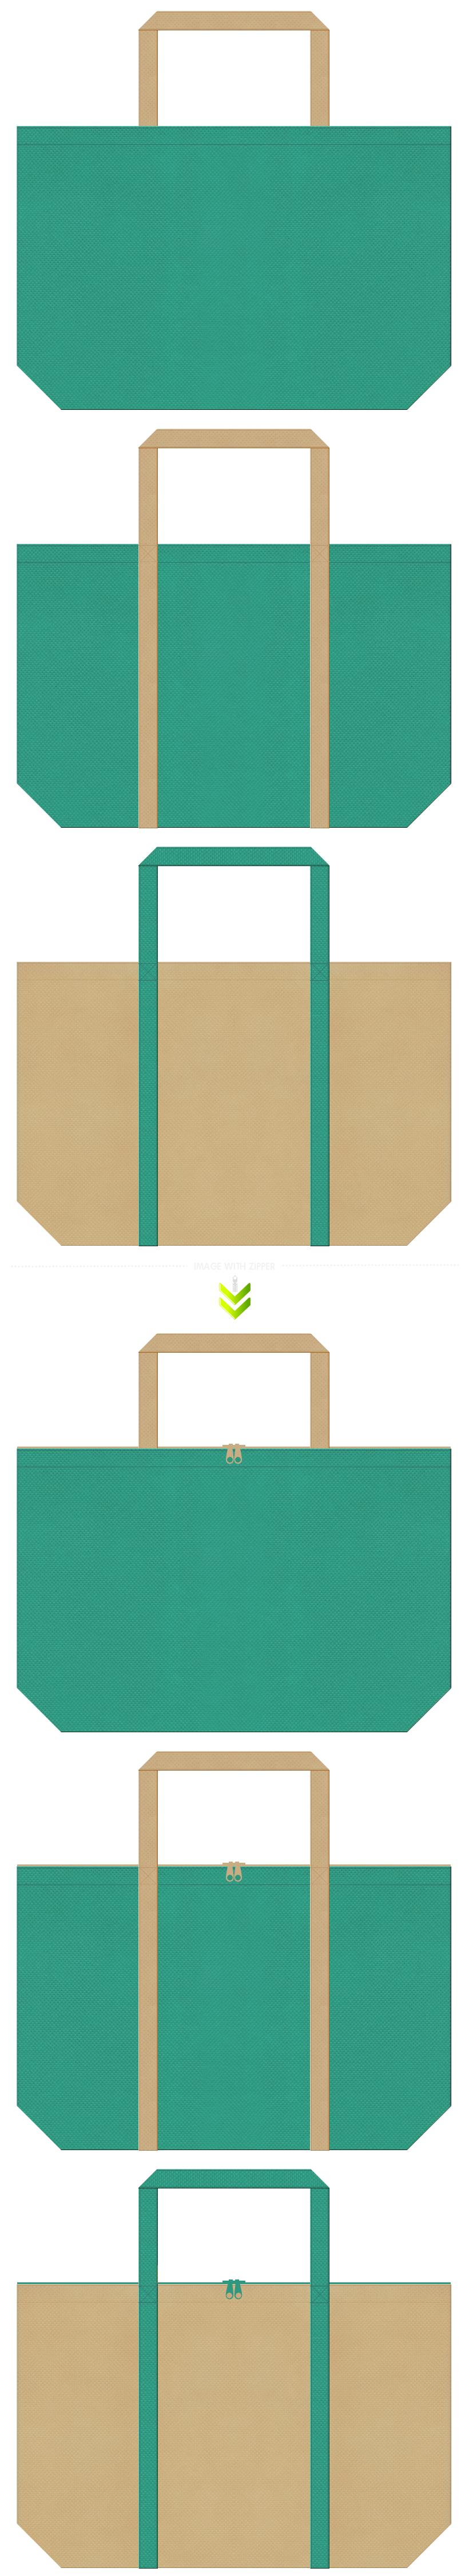 野菜・牧場・産直市場・種苗・肥料・園芸用品・工作教室・DIYのショッピングバッグにお奨めの不織布バッグデザイン:青緑色とカーキ色のコーデ